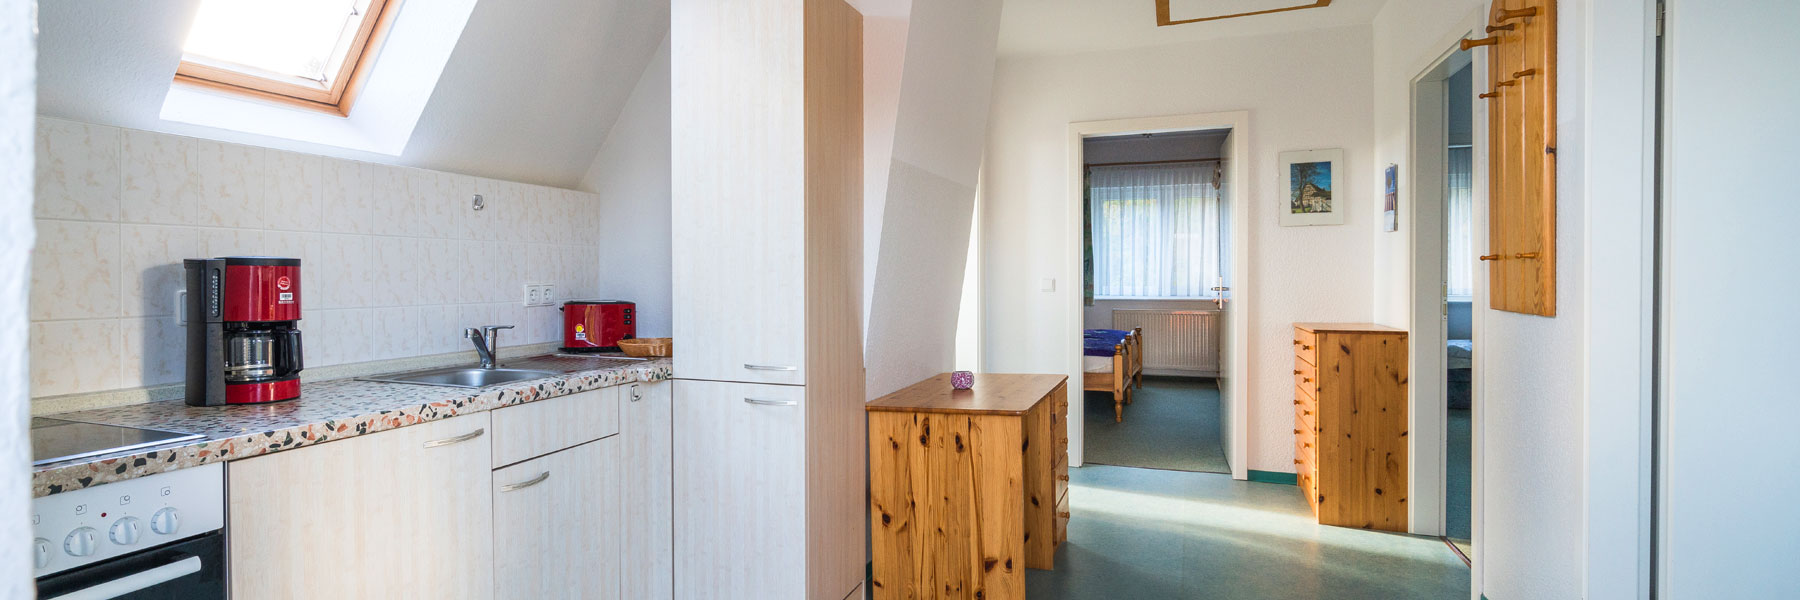 Wohnungsansicht - Ferienwohnungen Waldesruh Dierhagen